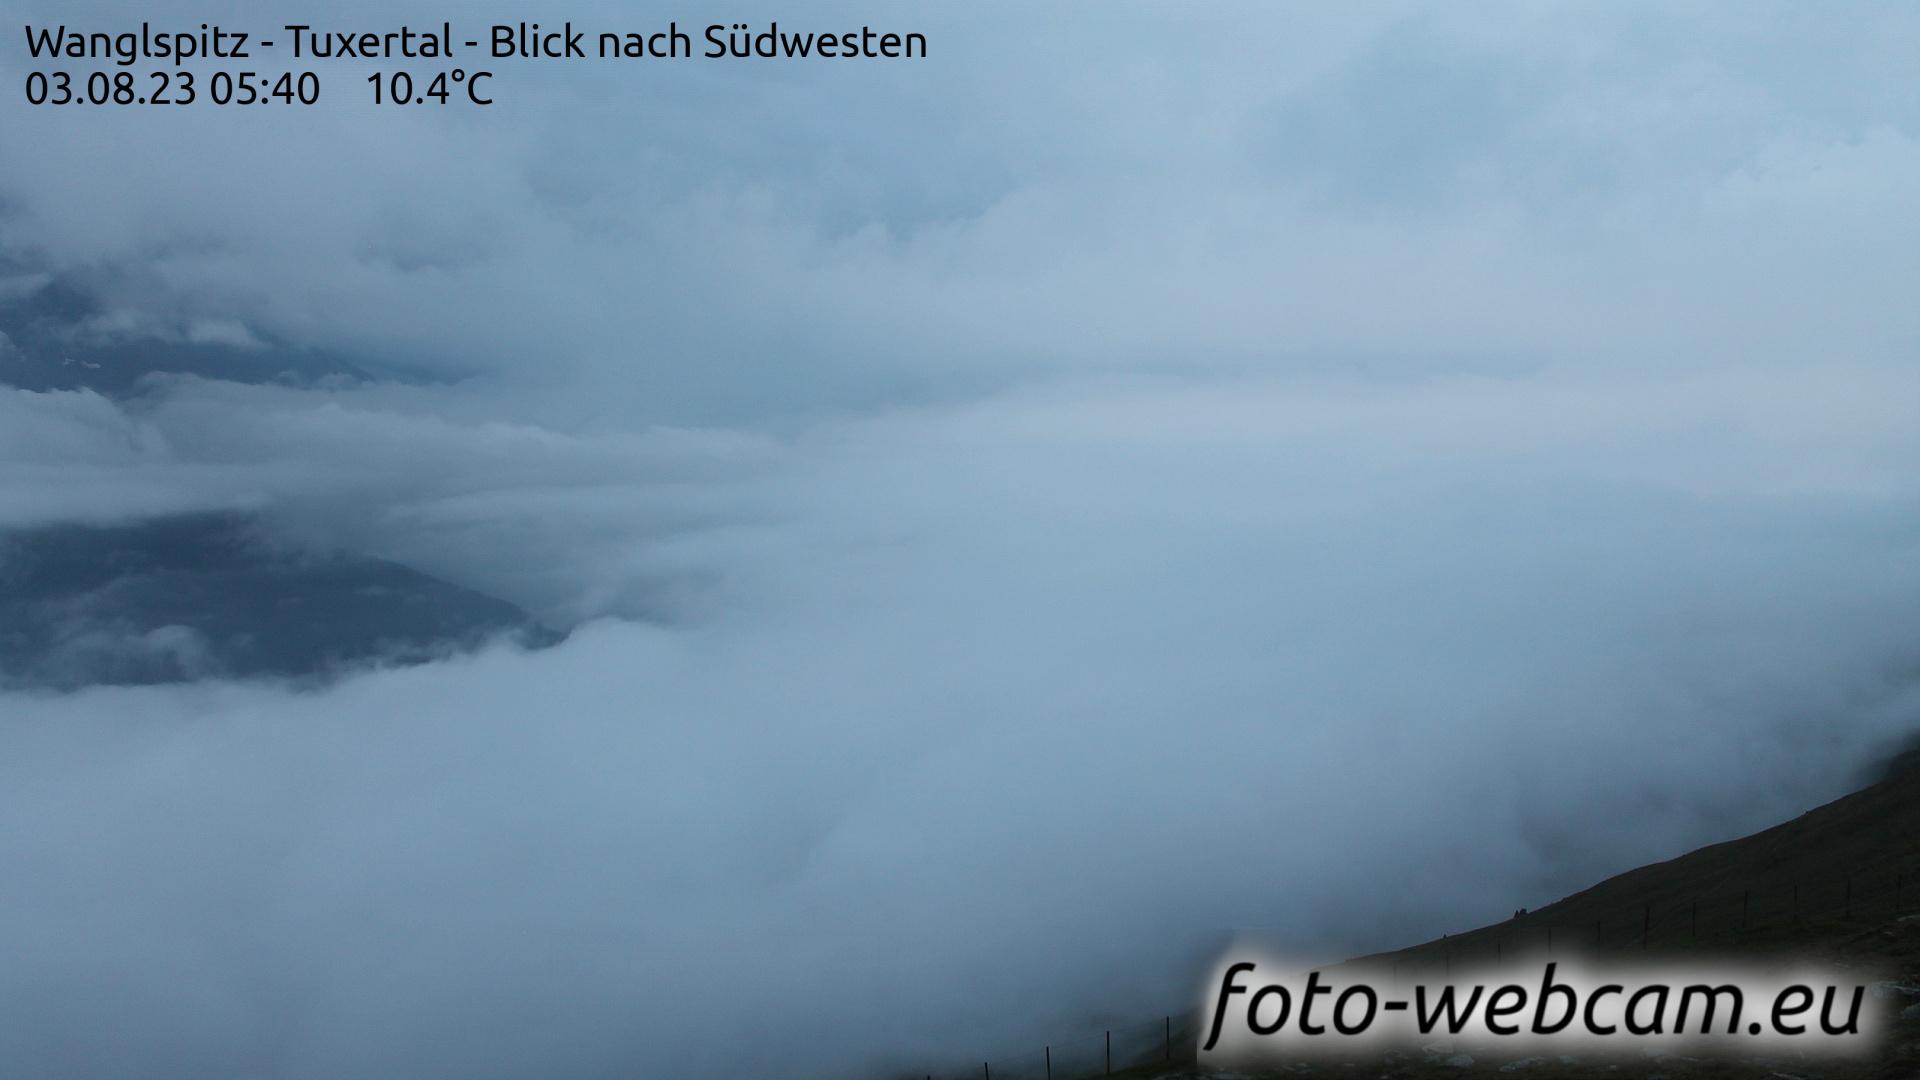 Wanglspitz Mon. 05:49